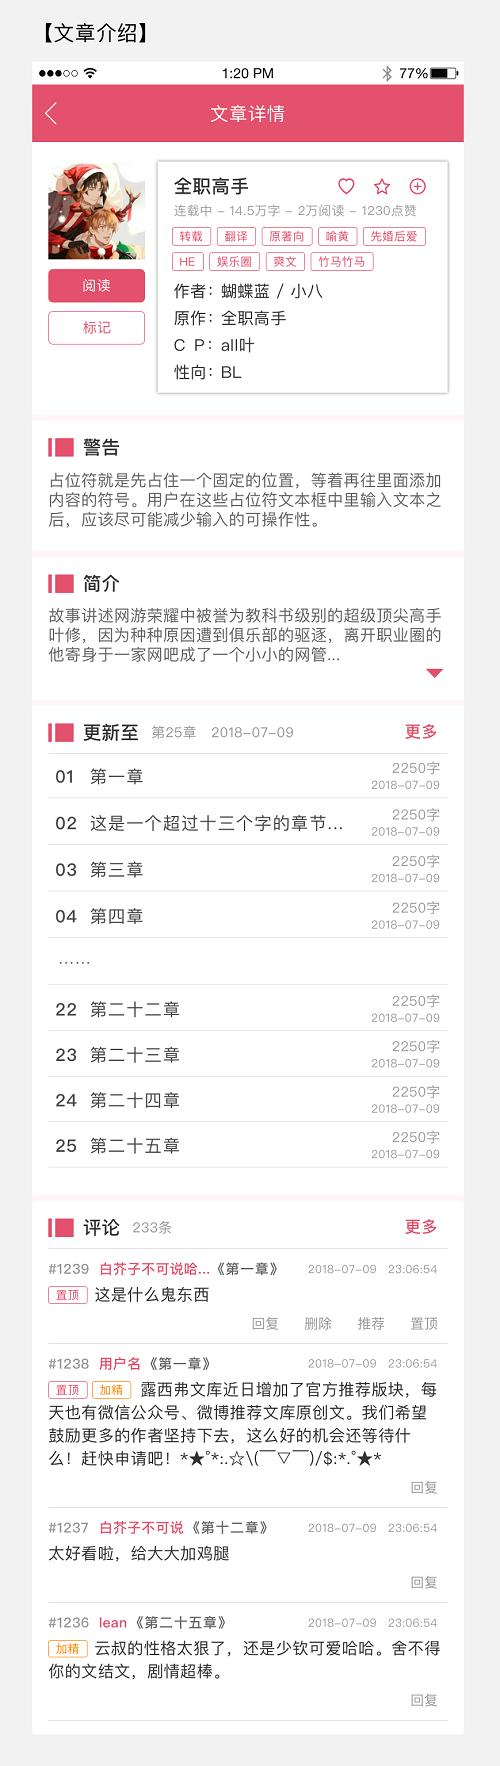 5 文章详情汇总.png